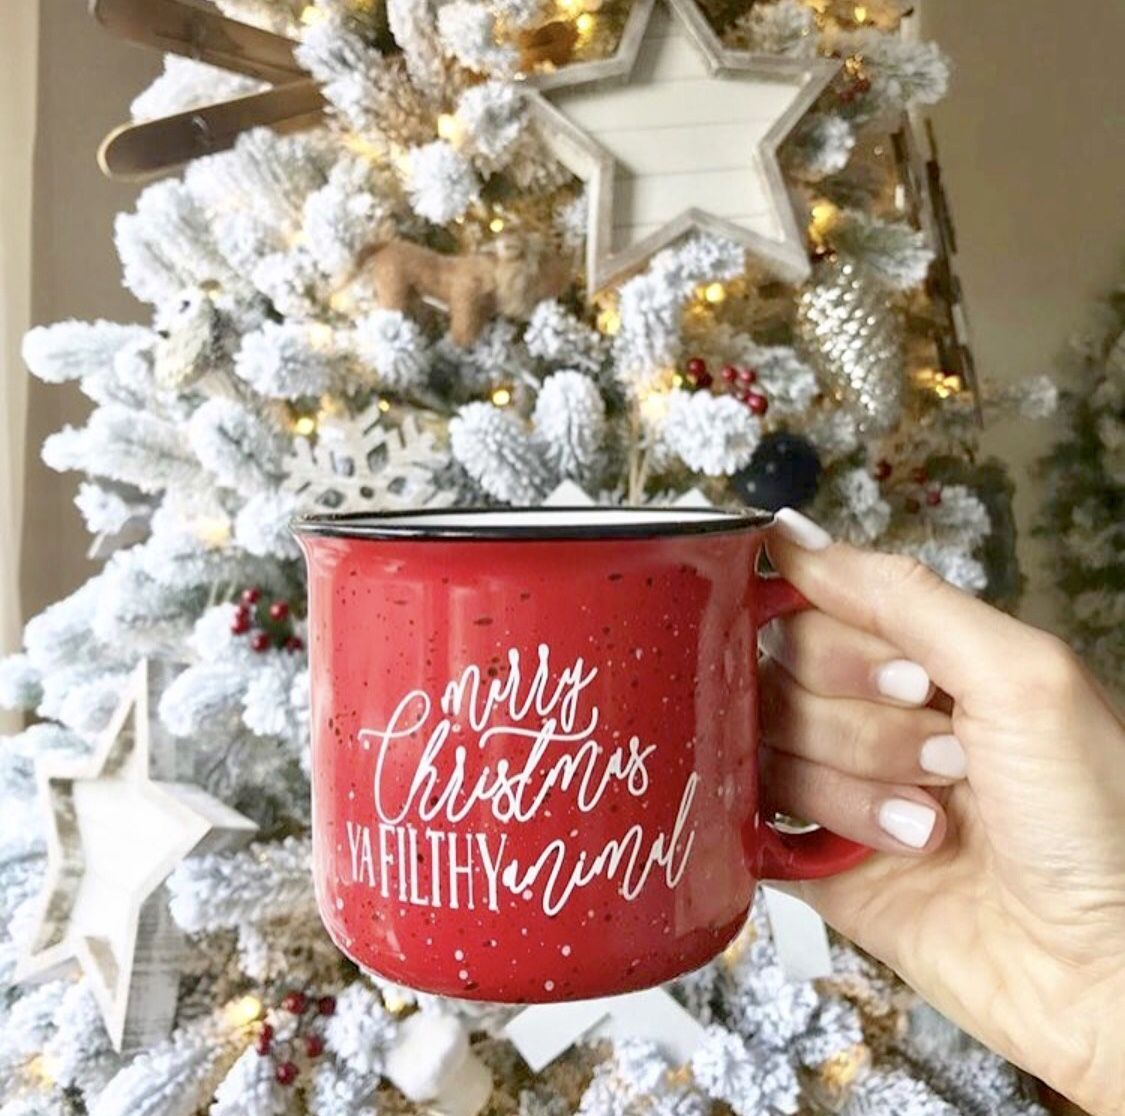 Merry Christmas Ya Filthy Animal Campfire Mug In 2021 Merry Christmas Pictures Christmas Mugs Merry Christmas Ya Filthy Holiday christmas mug full hd wallpaper